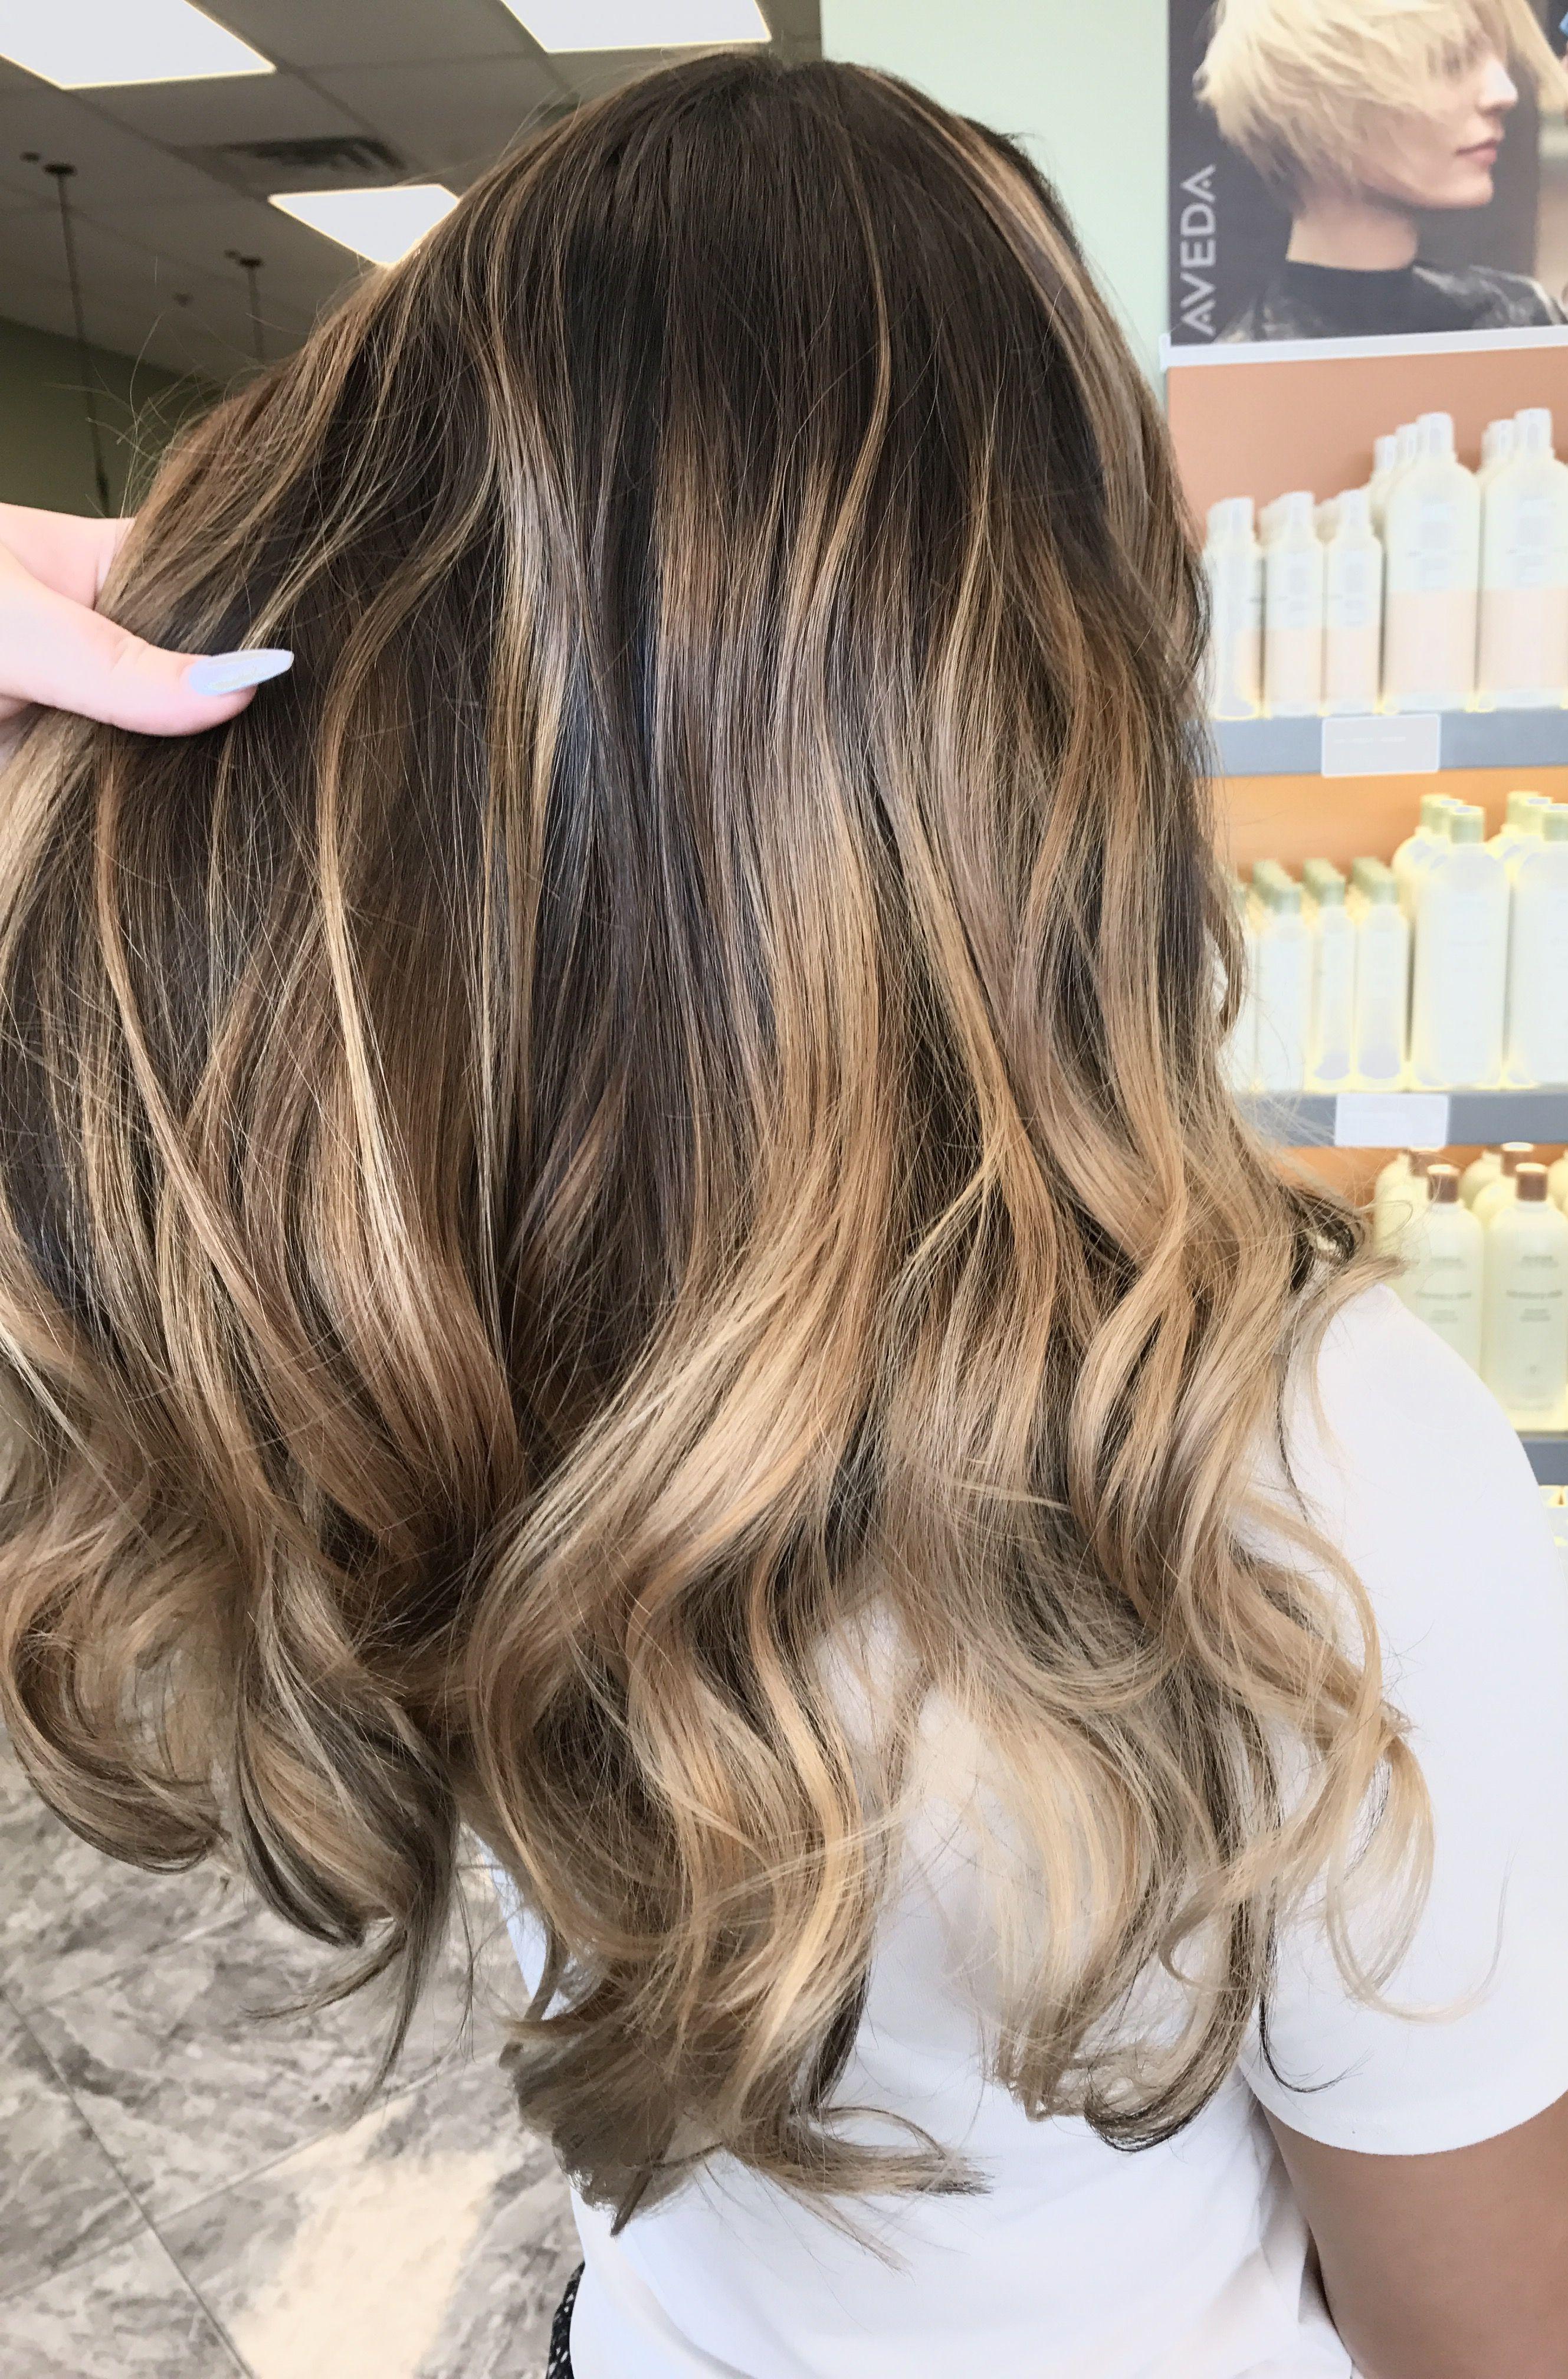 Caramel Balayage Hairbyashcha Caramelbalayage Balayage Straight Hair Balayage Hair Hair Color Balayage